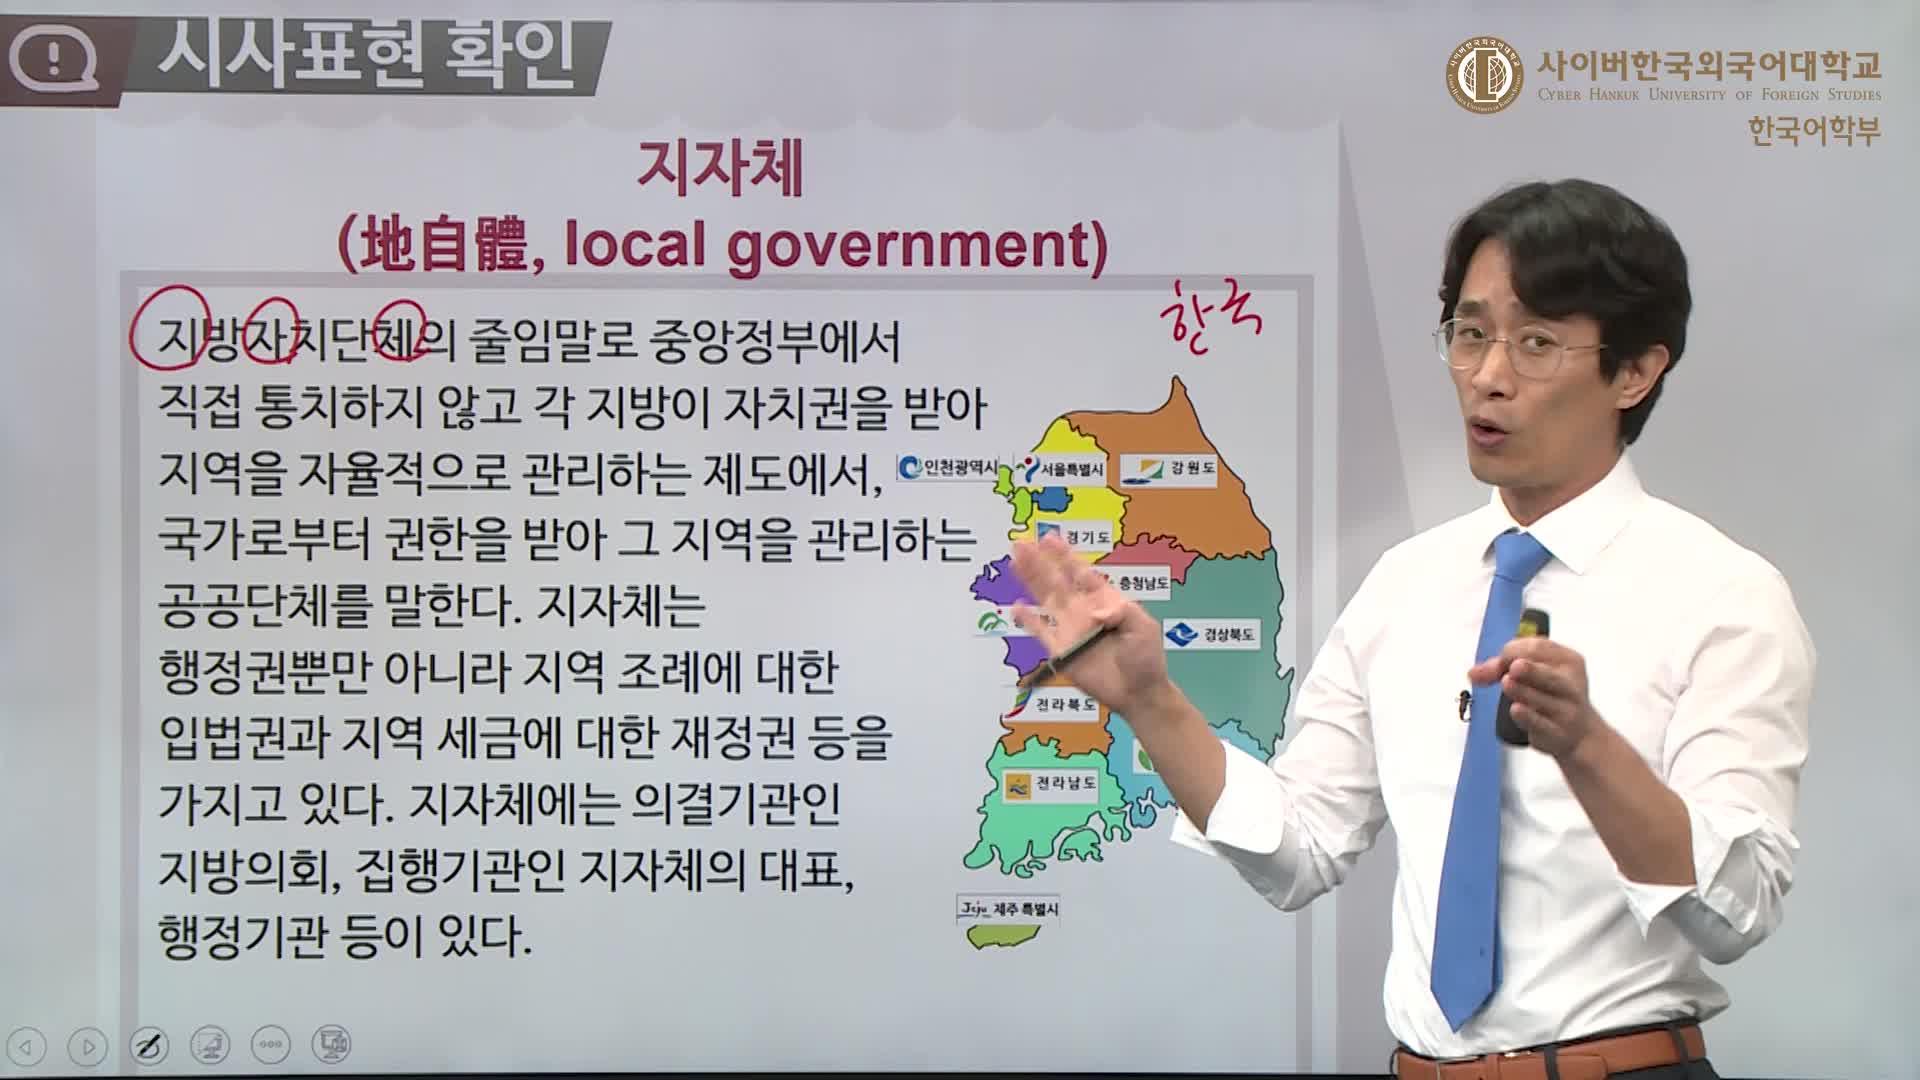 [韩语时事表达]#26. 지자체(自治体):地方自治团体的简称